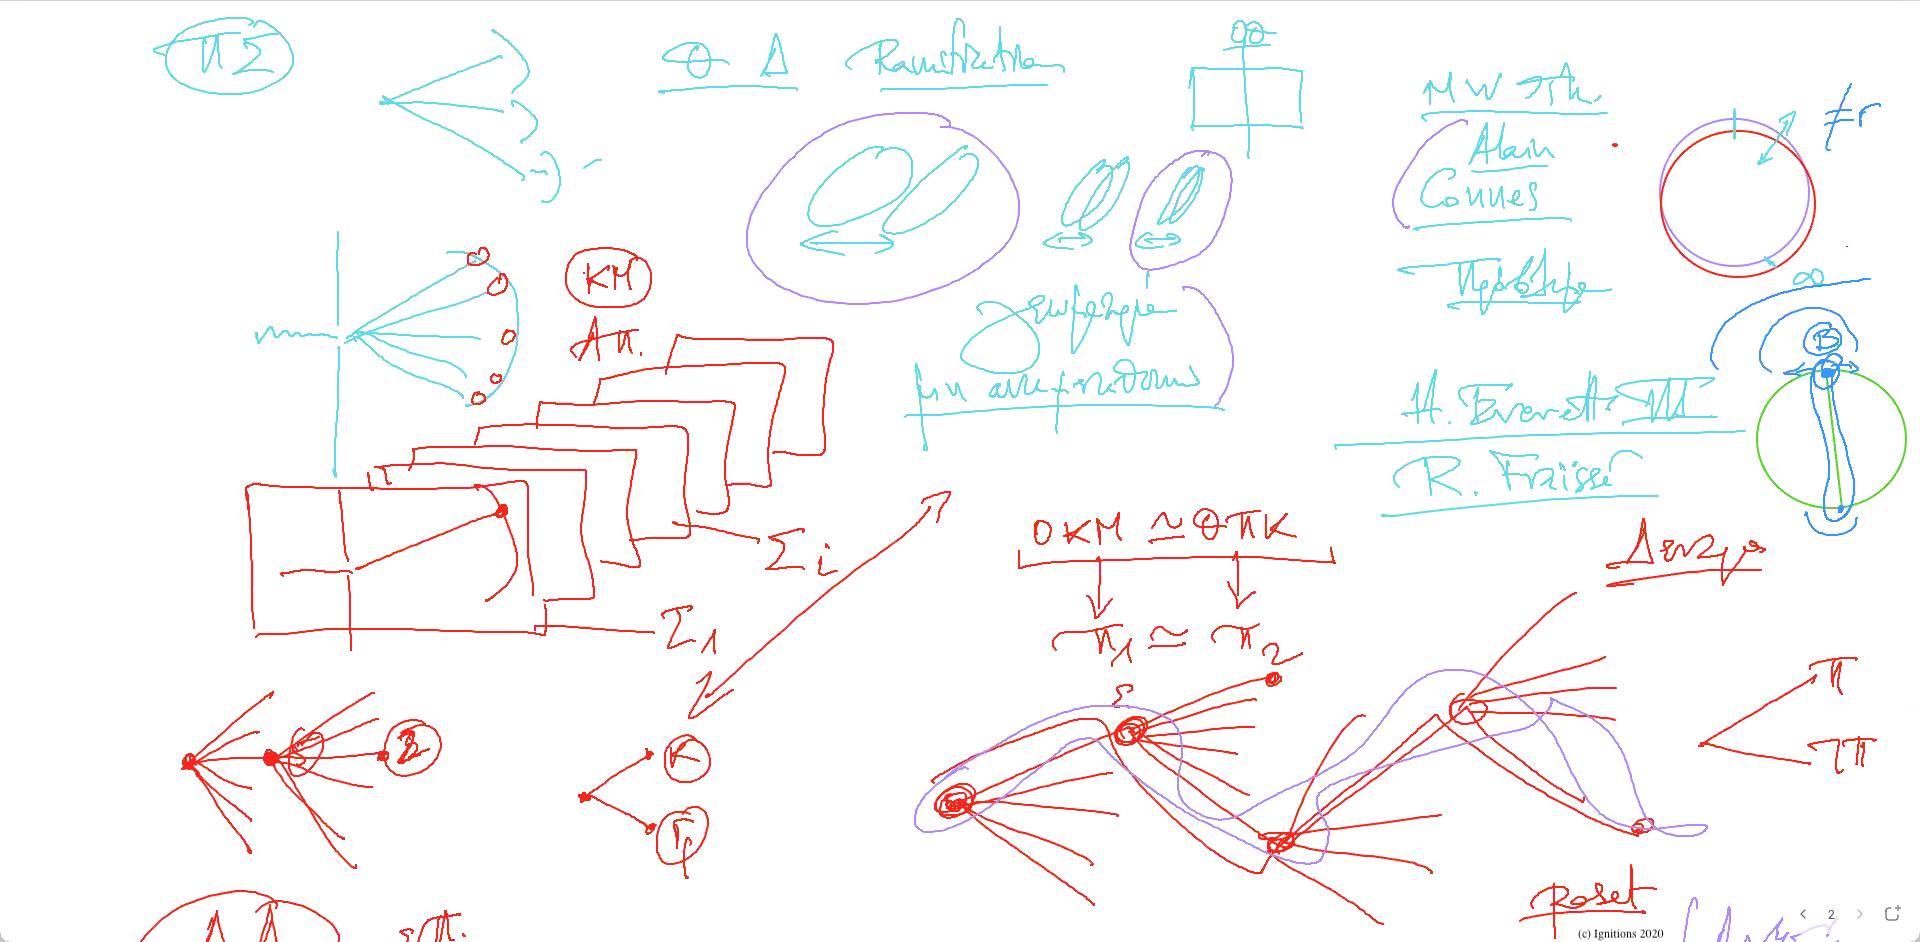 ΙV - Το Έργο της Επιστημονικής Φαντασίας. Έργο ΧΙΙ. (Dessin)